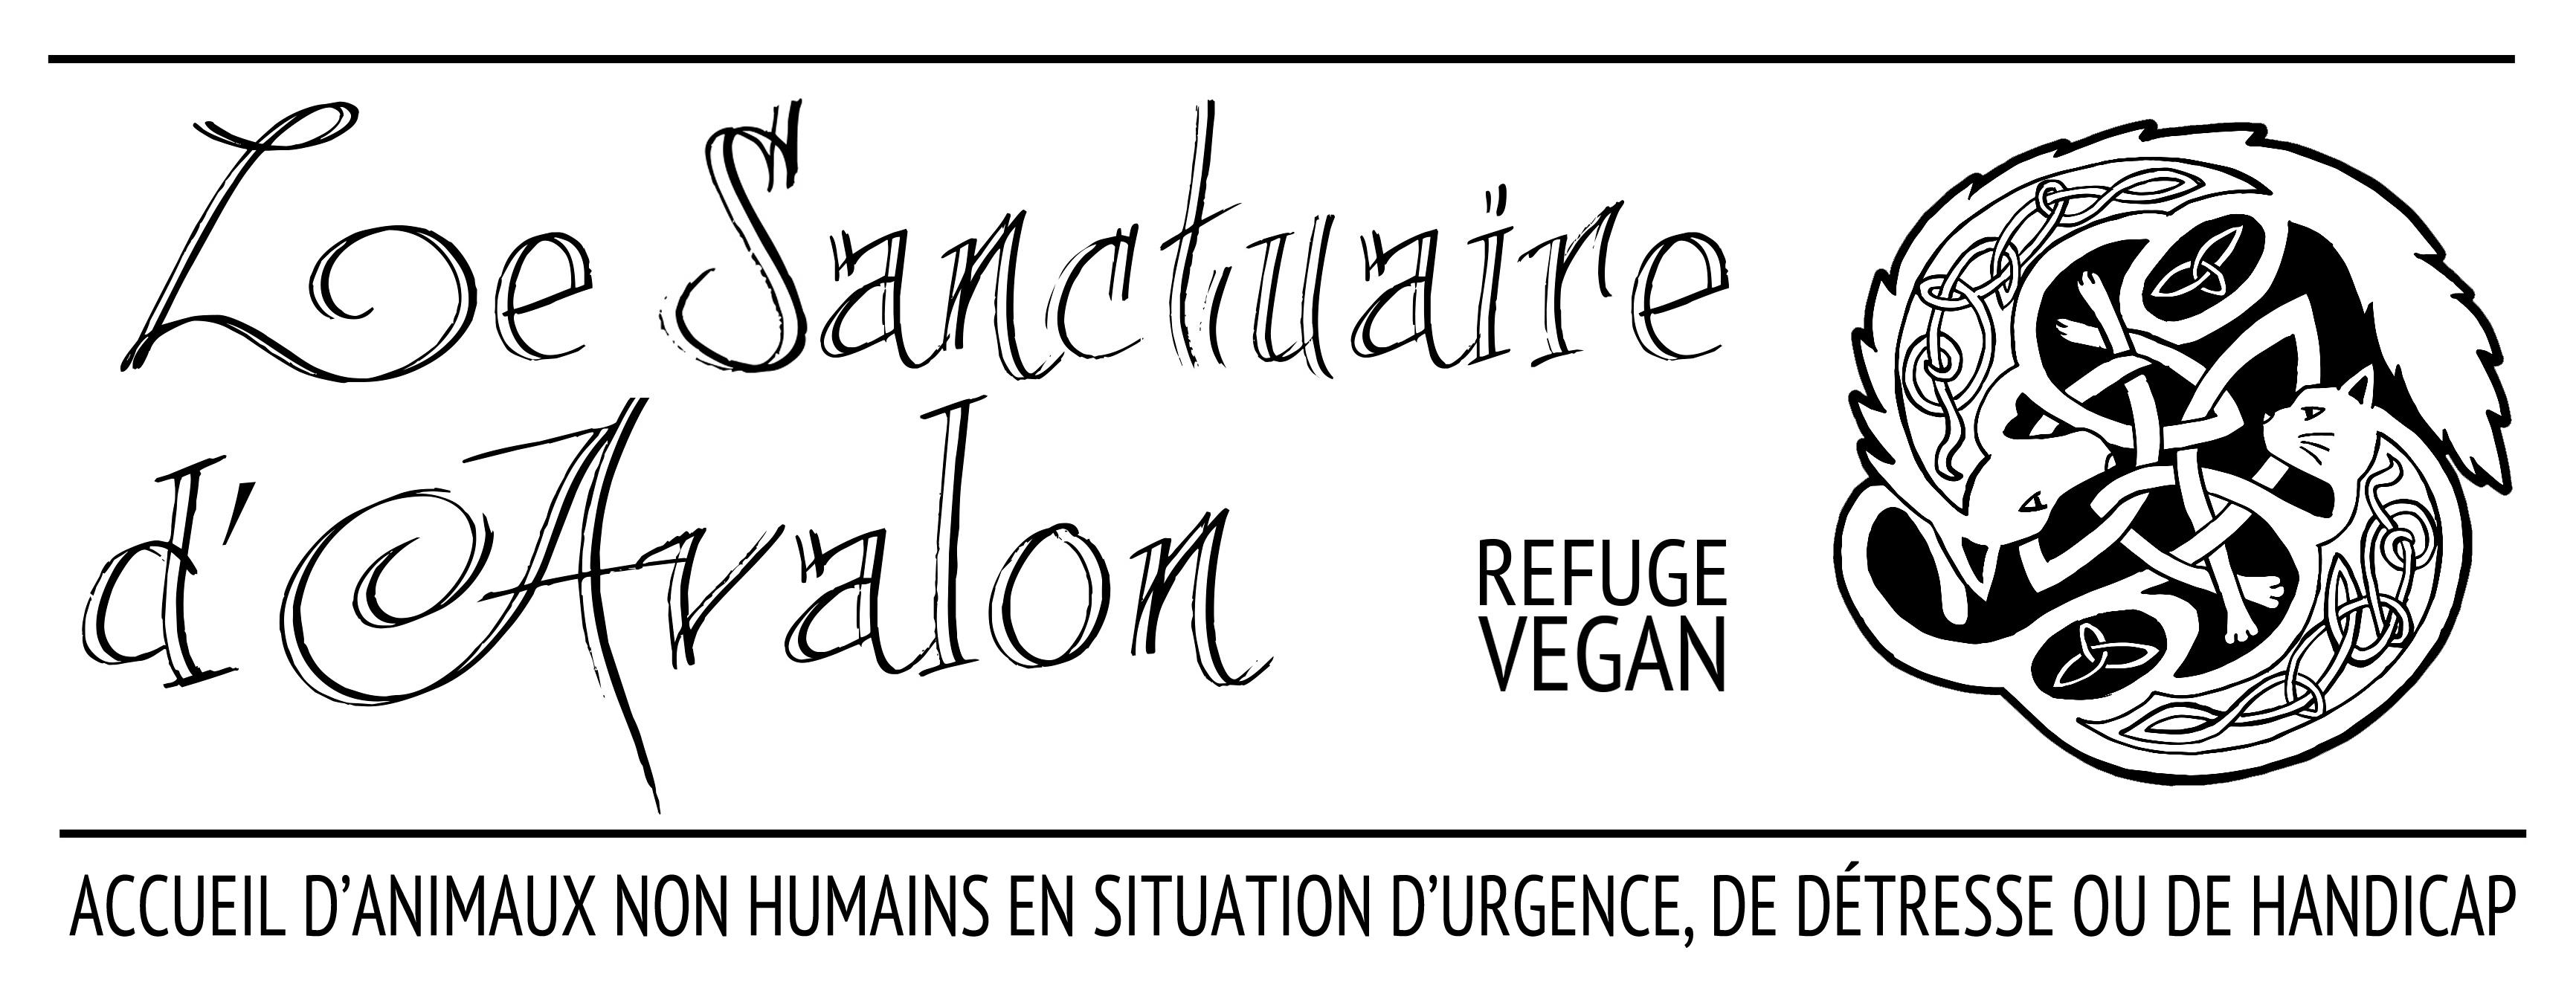 Sanctuaire refuge vegan Eclats d`Avalon bijoux elfiques celtiques féériques: pour mariages, fêtes médiévales..